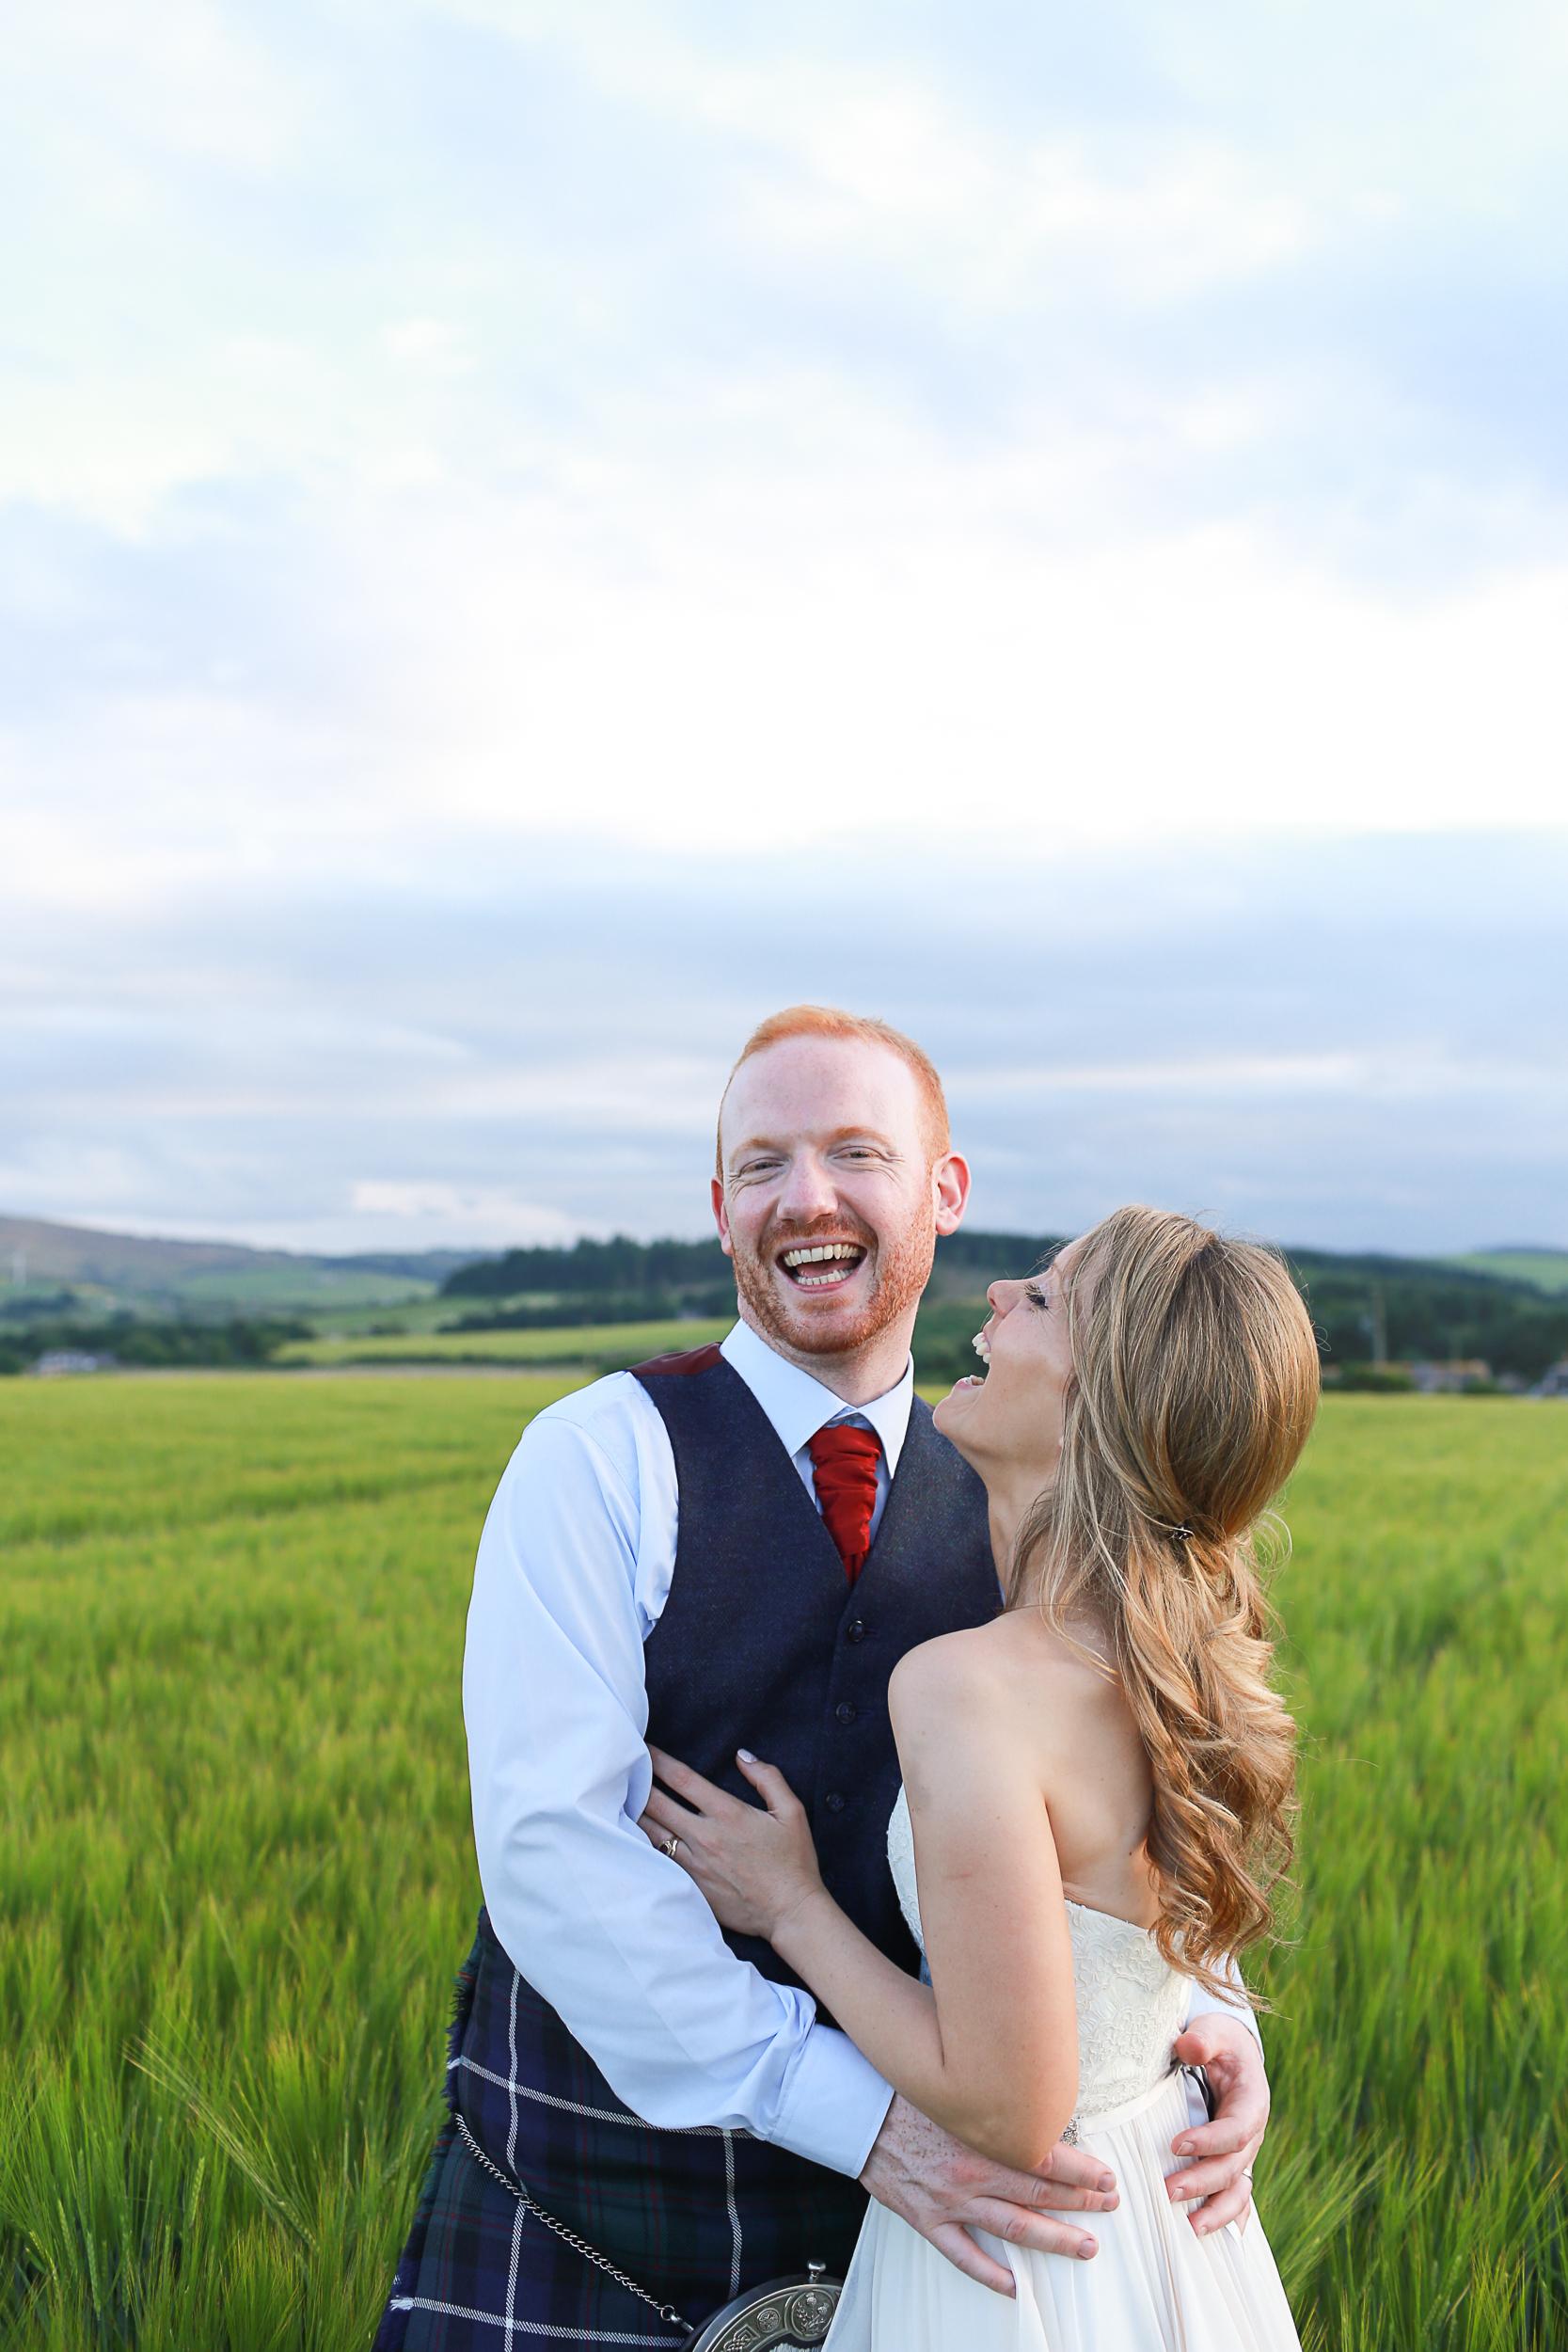 wedding photography aberdeenshire, midmar village hall, wedding photography aberdeen